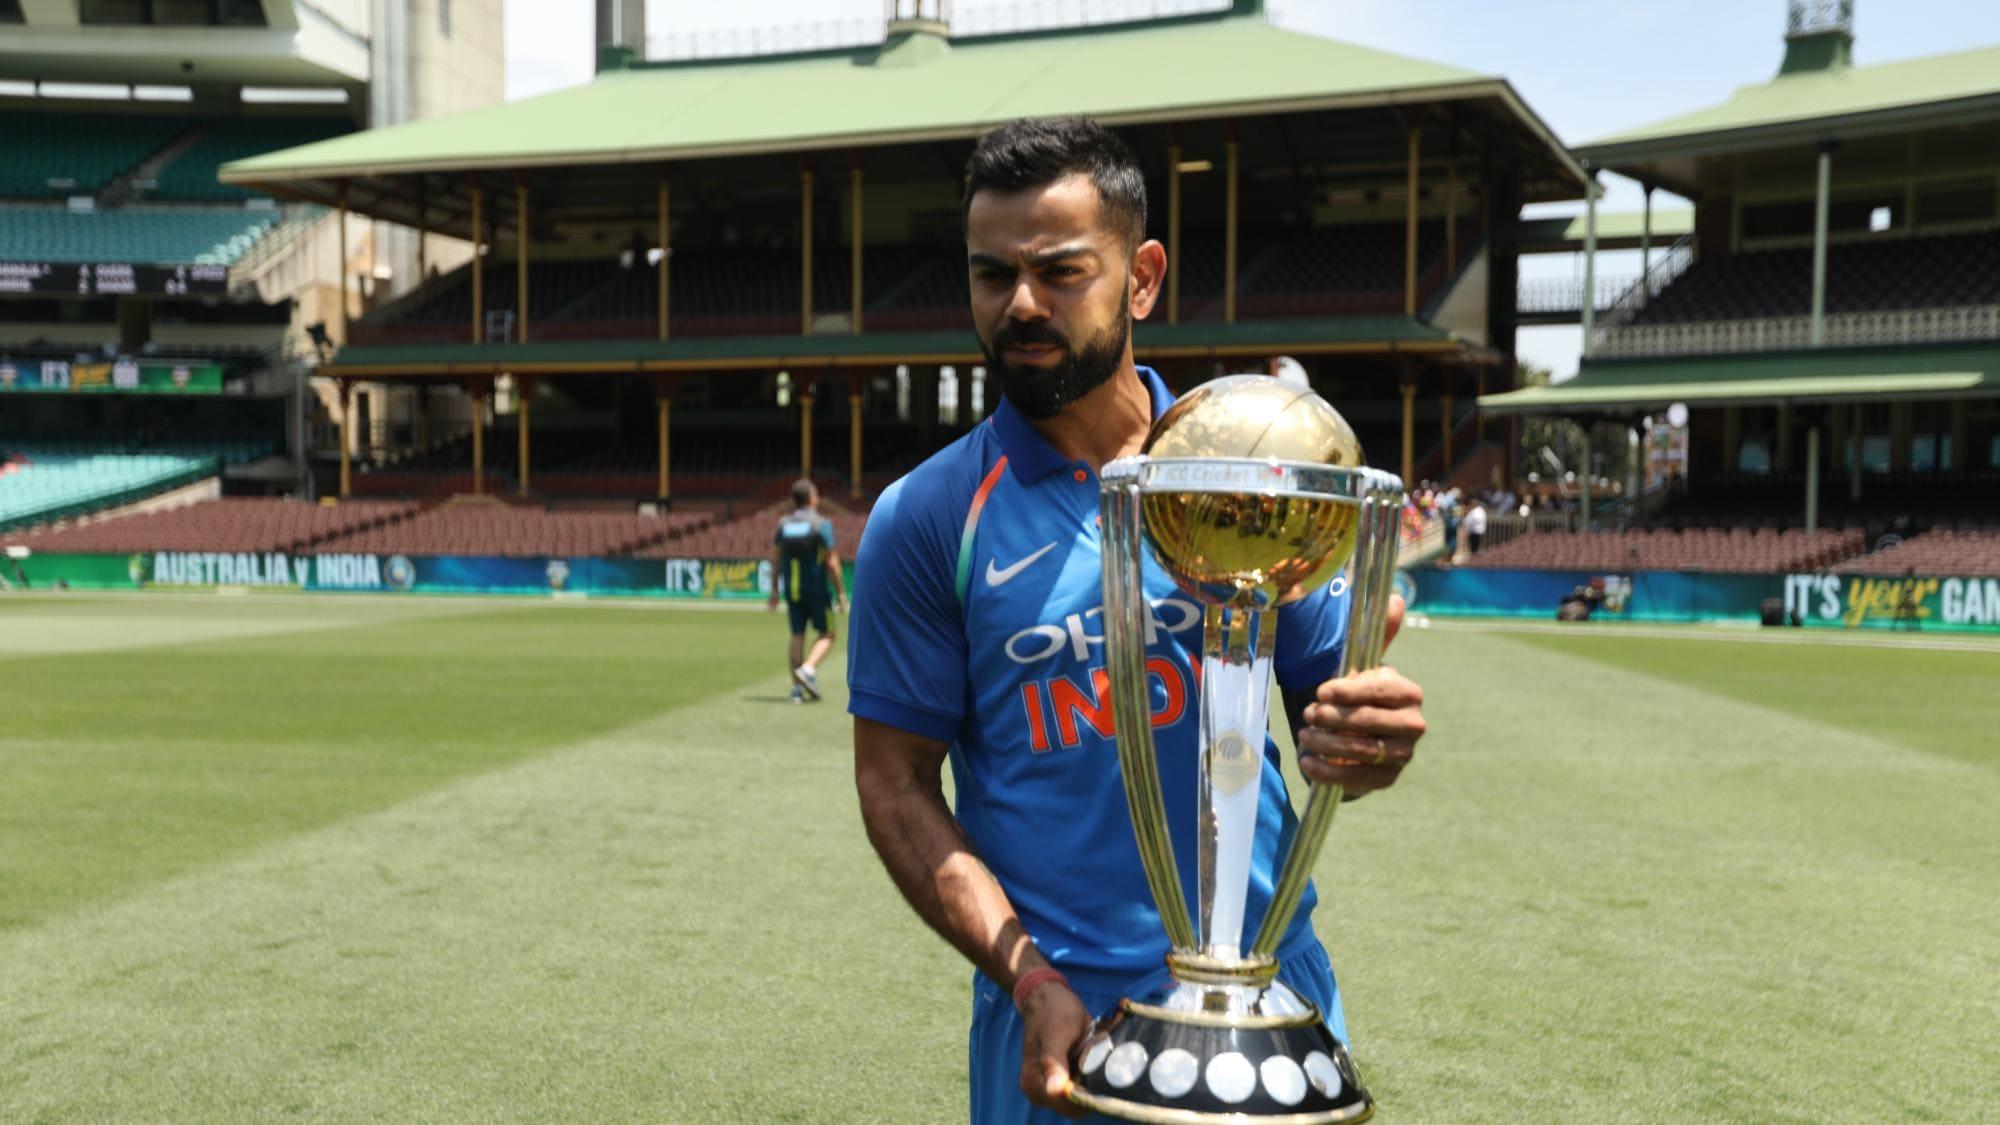 भारतीय चलनानुसार विजेत्या संघाला 28 कोटी रुपये देण्यात येणार आहेत. वर्ल्ड कपच्या इतिहासात विजेत्या संघाला देण्यात येणारी ही सर्वात मोठी रक्कम ठरणार आहे.